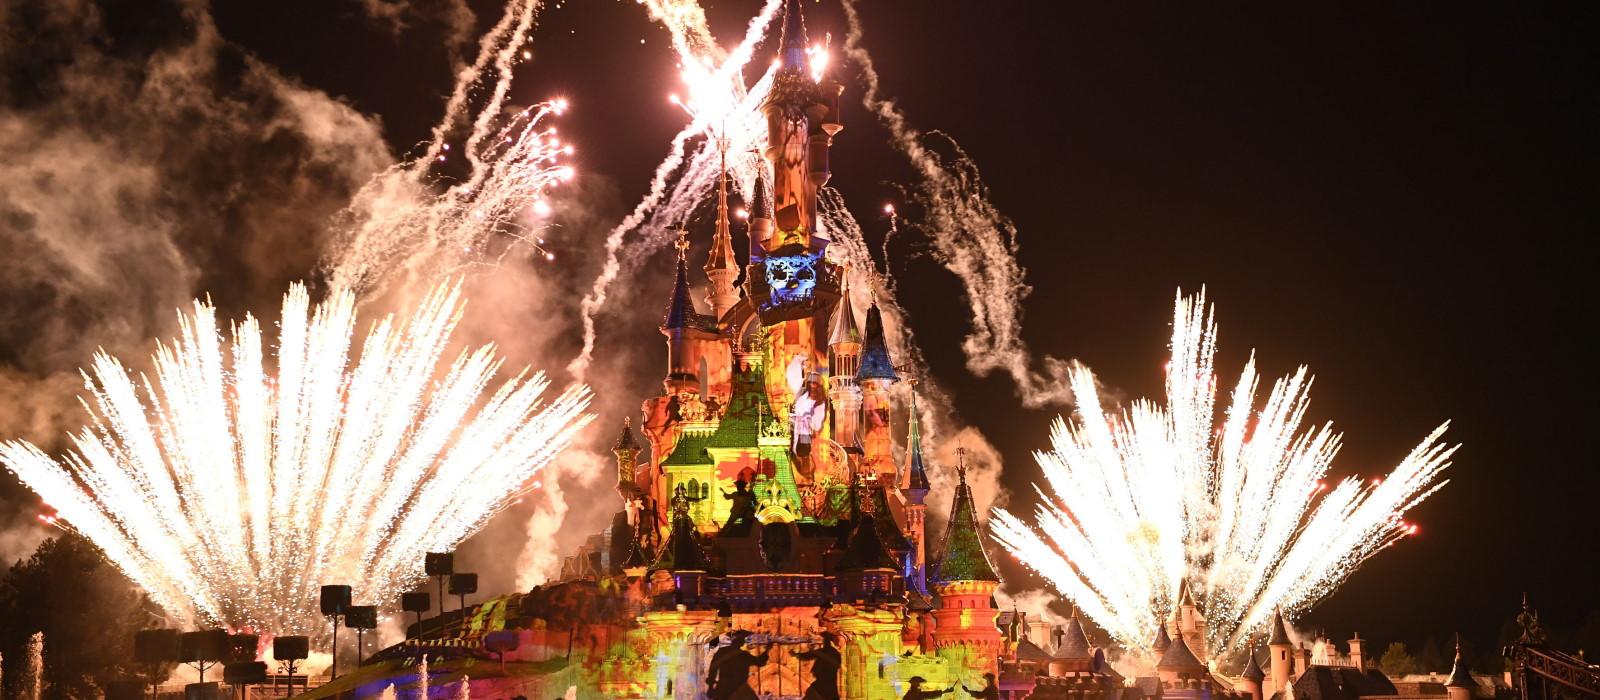 Vuurwerk keert terug <br> in Disneyland Paris